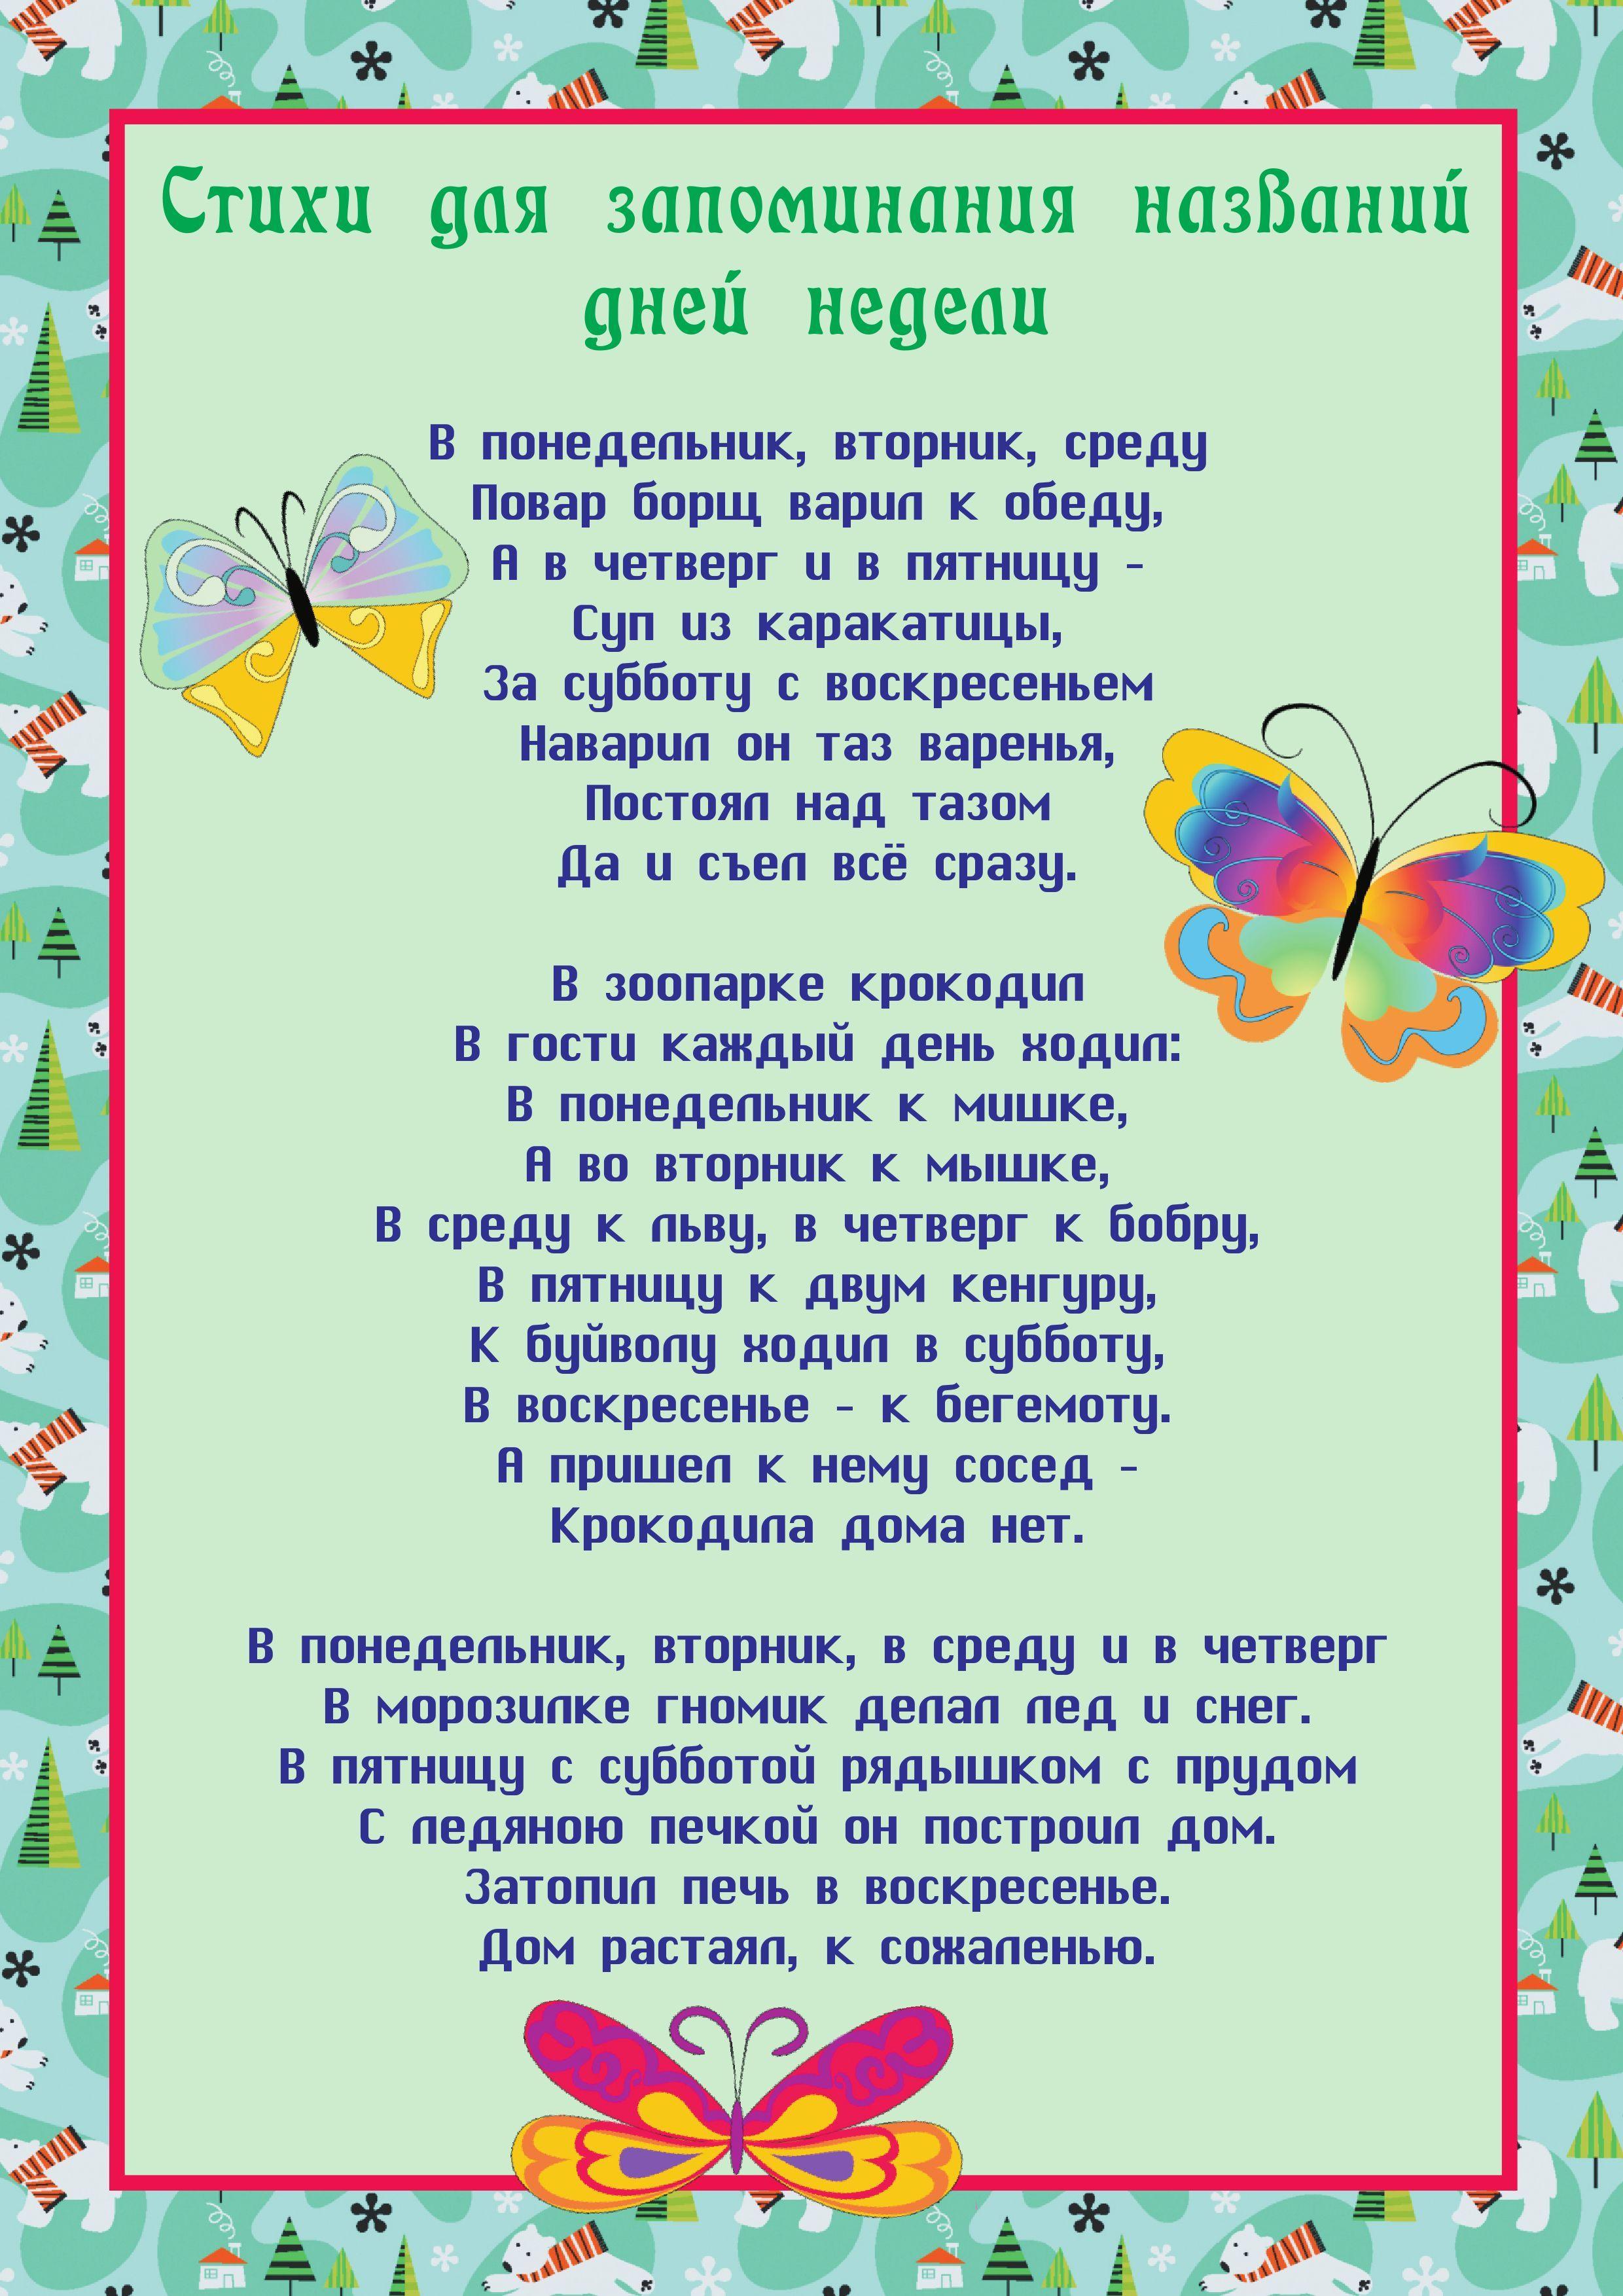 Стихотворение для детей 6 7 лет на конкурс